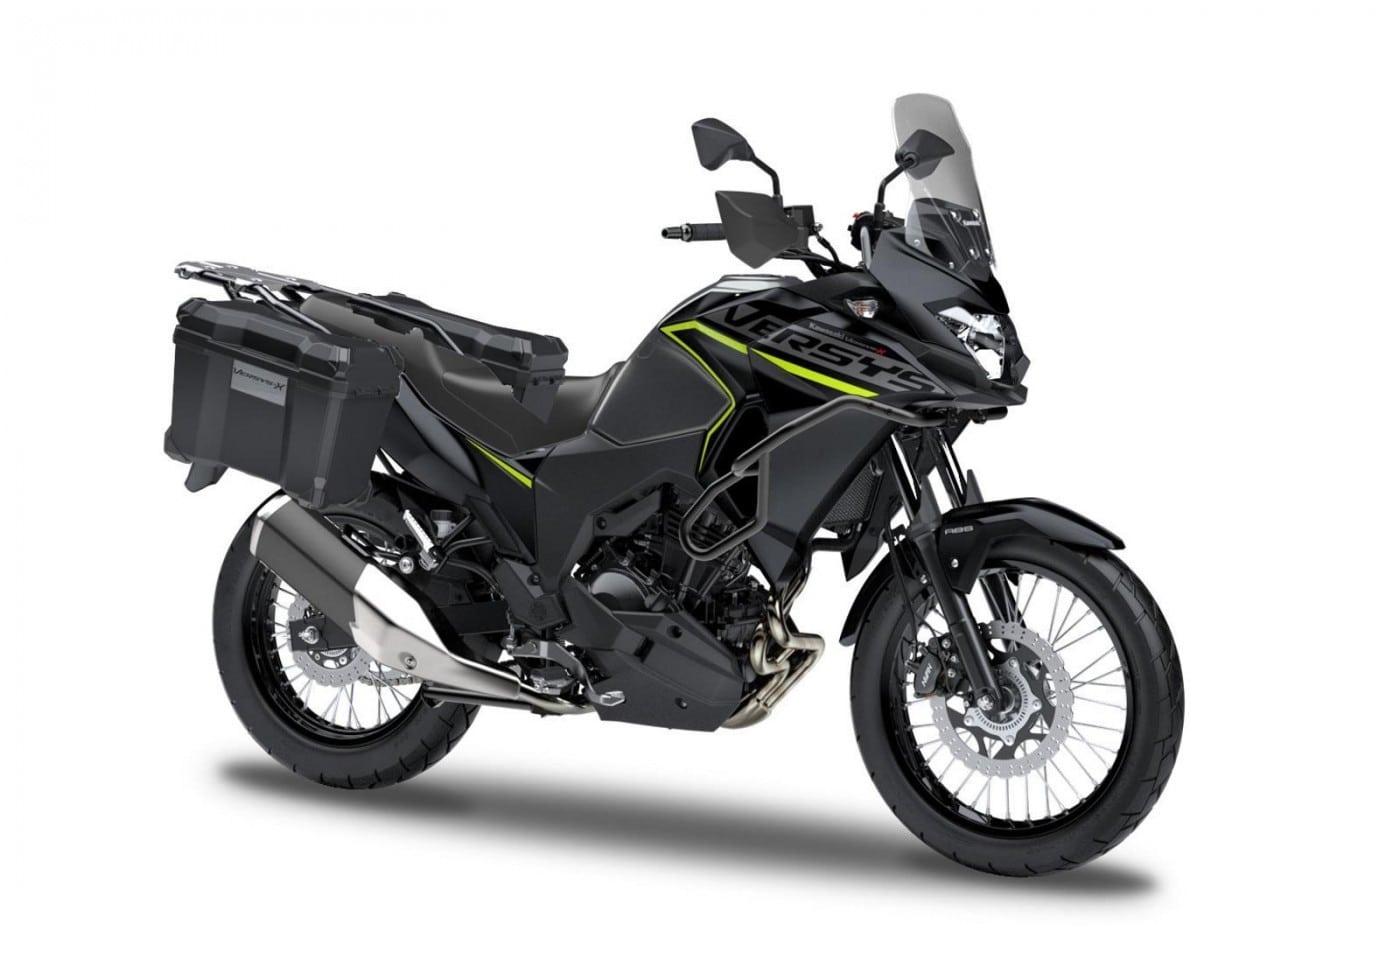 Kawasaki Versys X 300 ABS 2020